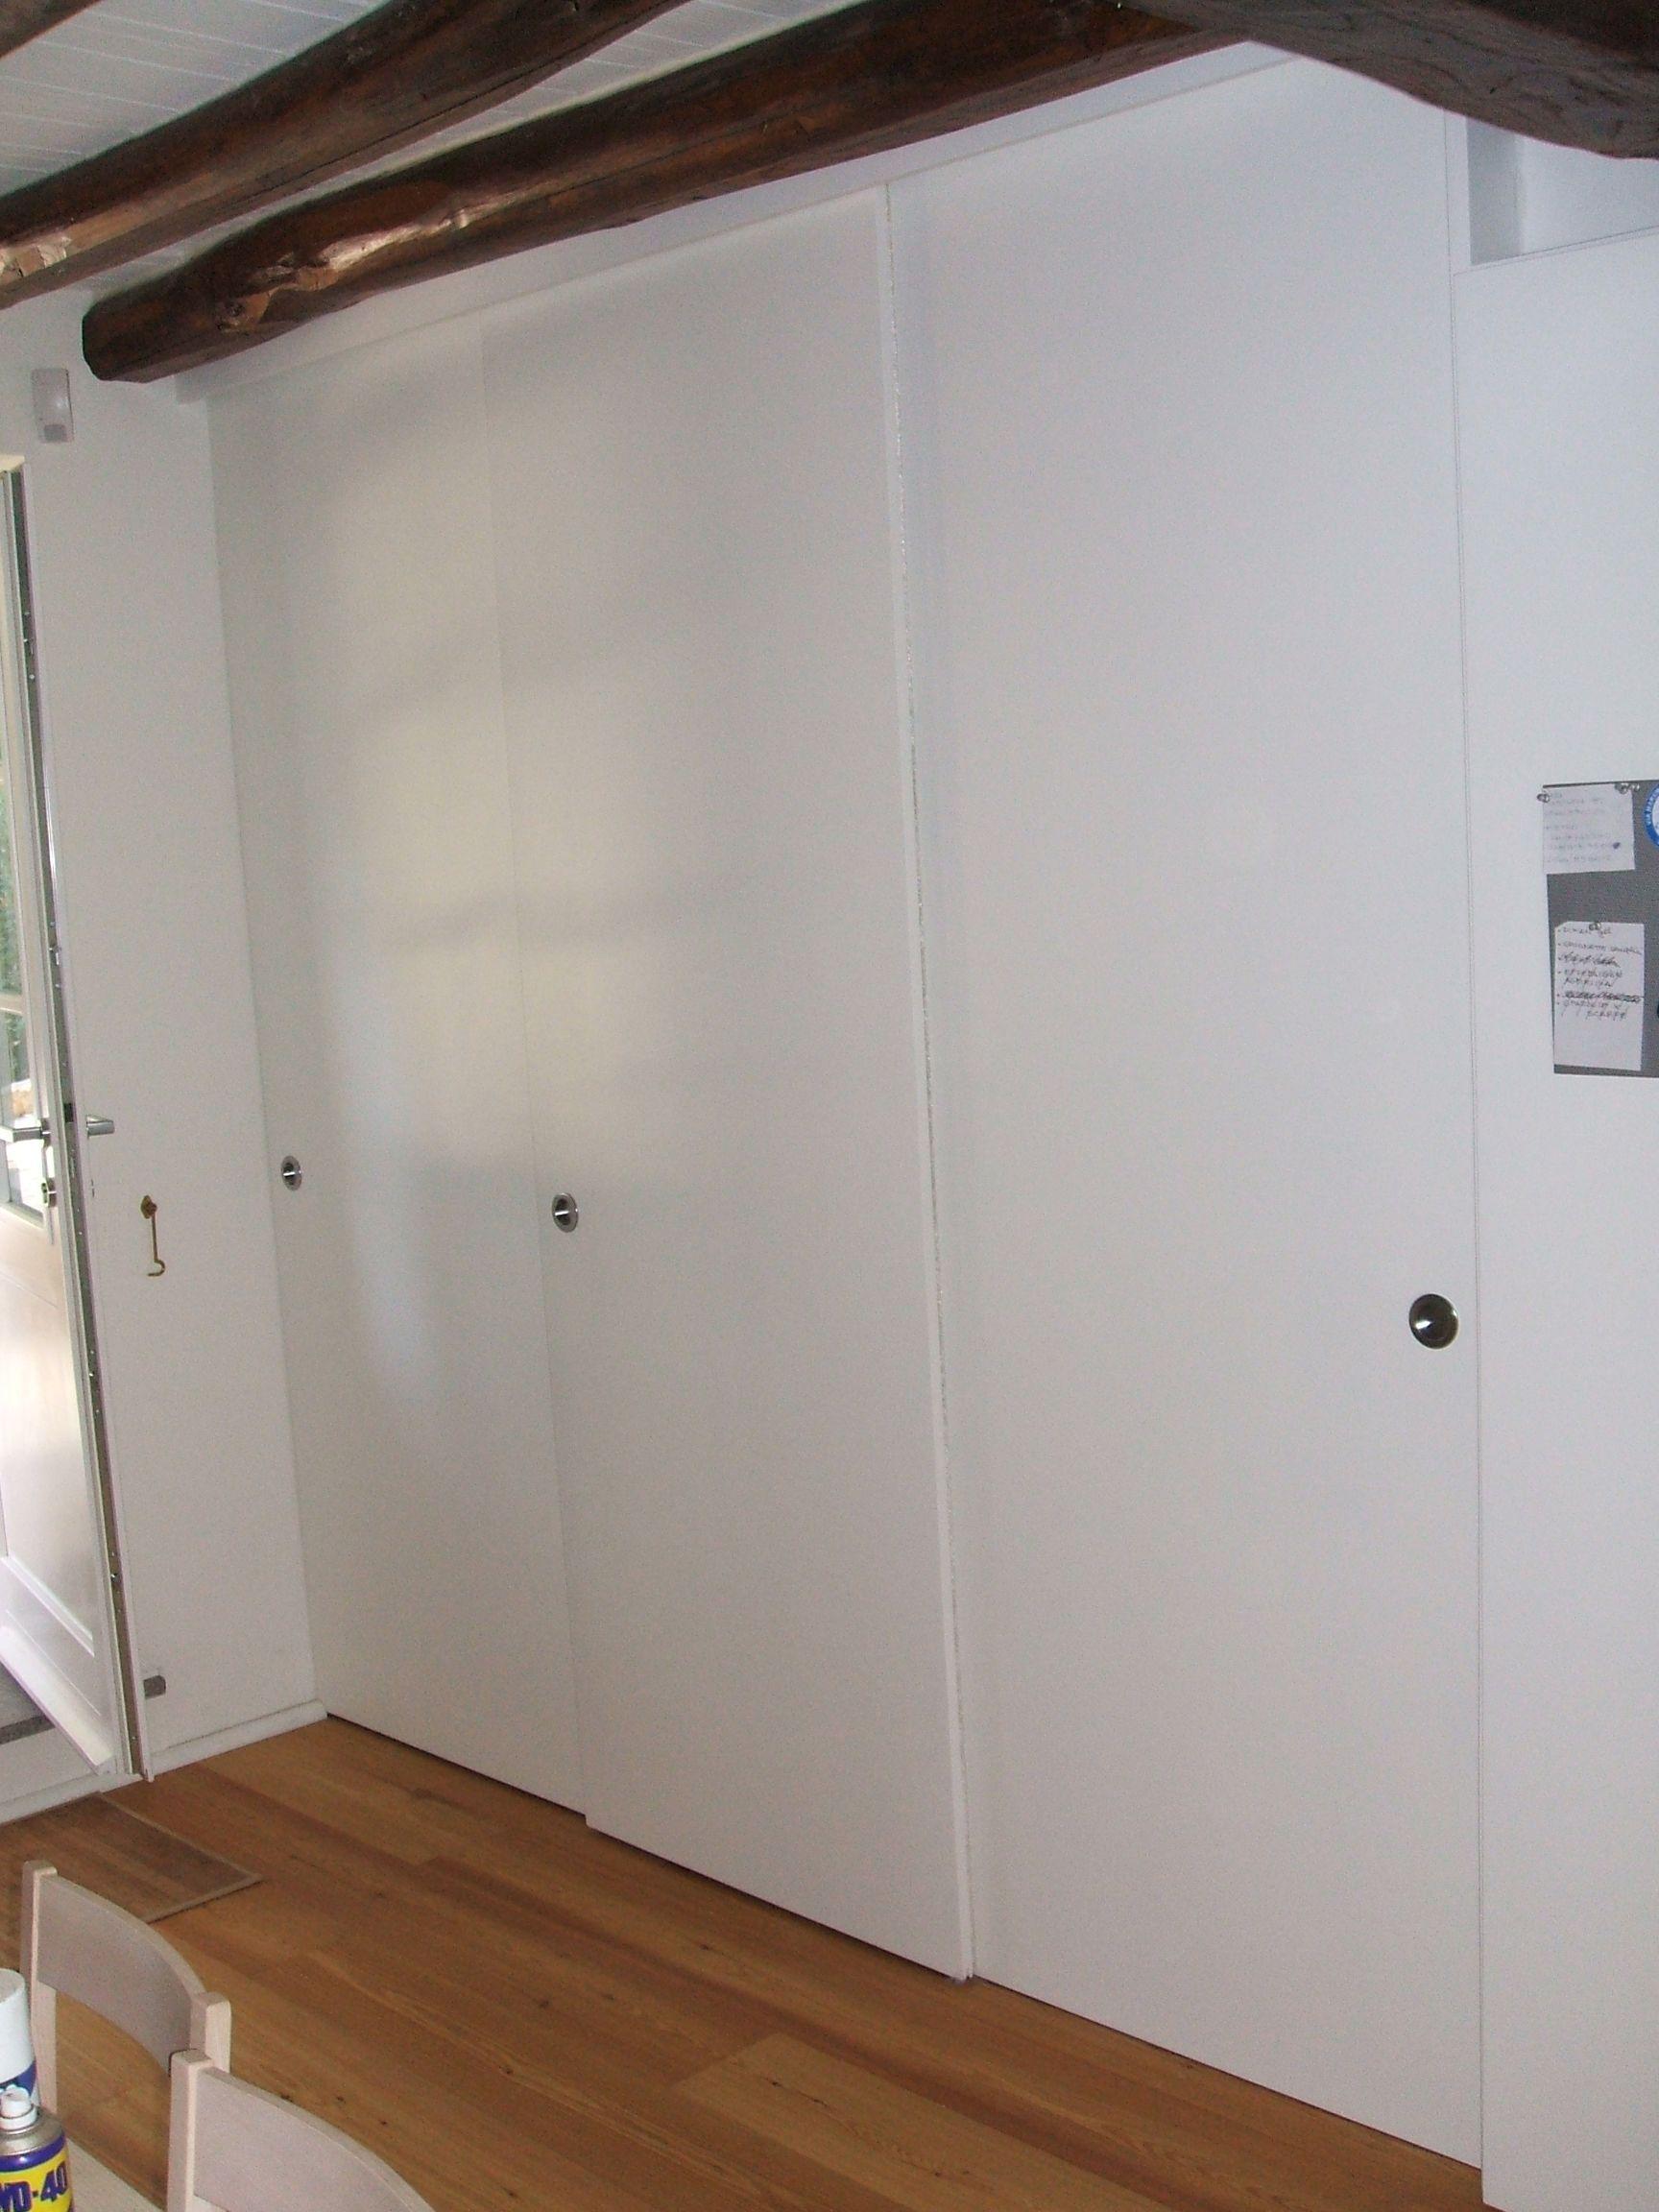 Telaio Armadio A Muro.Armadio Composto Solamente Da Telaio Esterno A 3 Ante